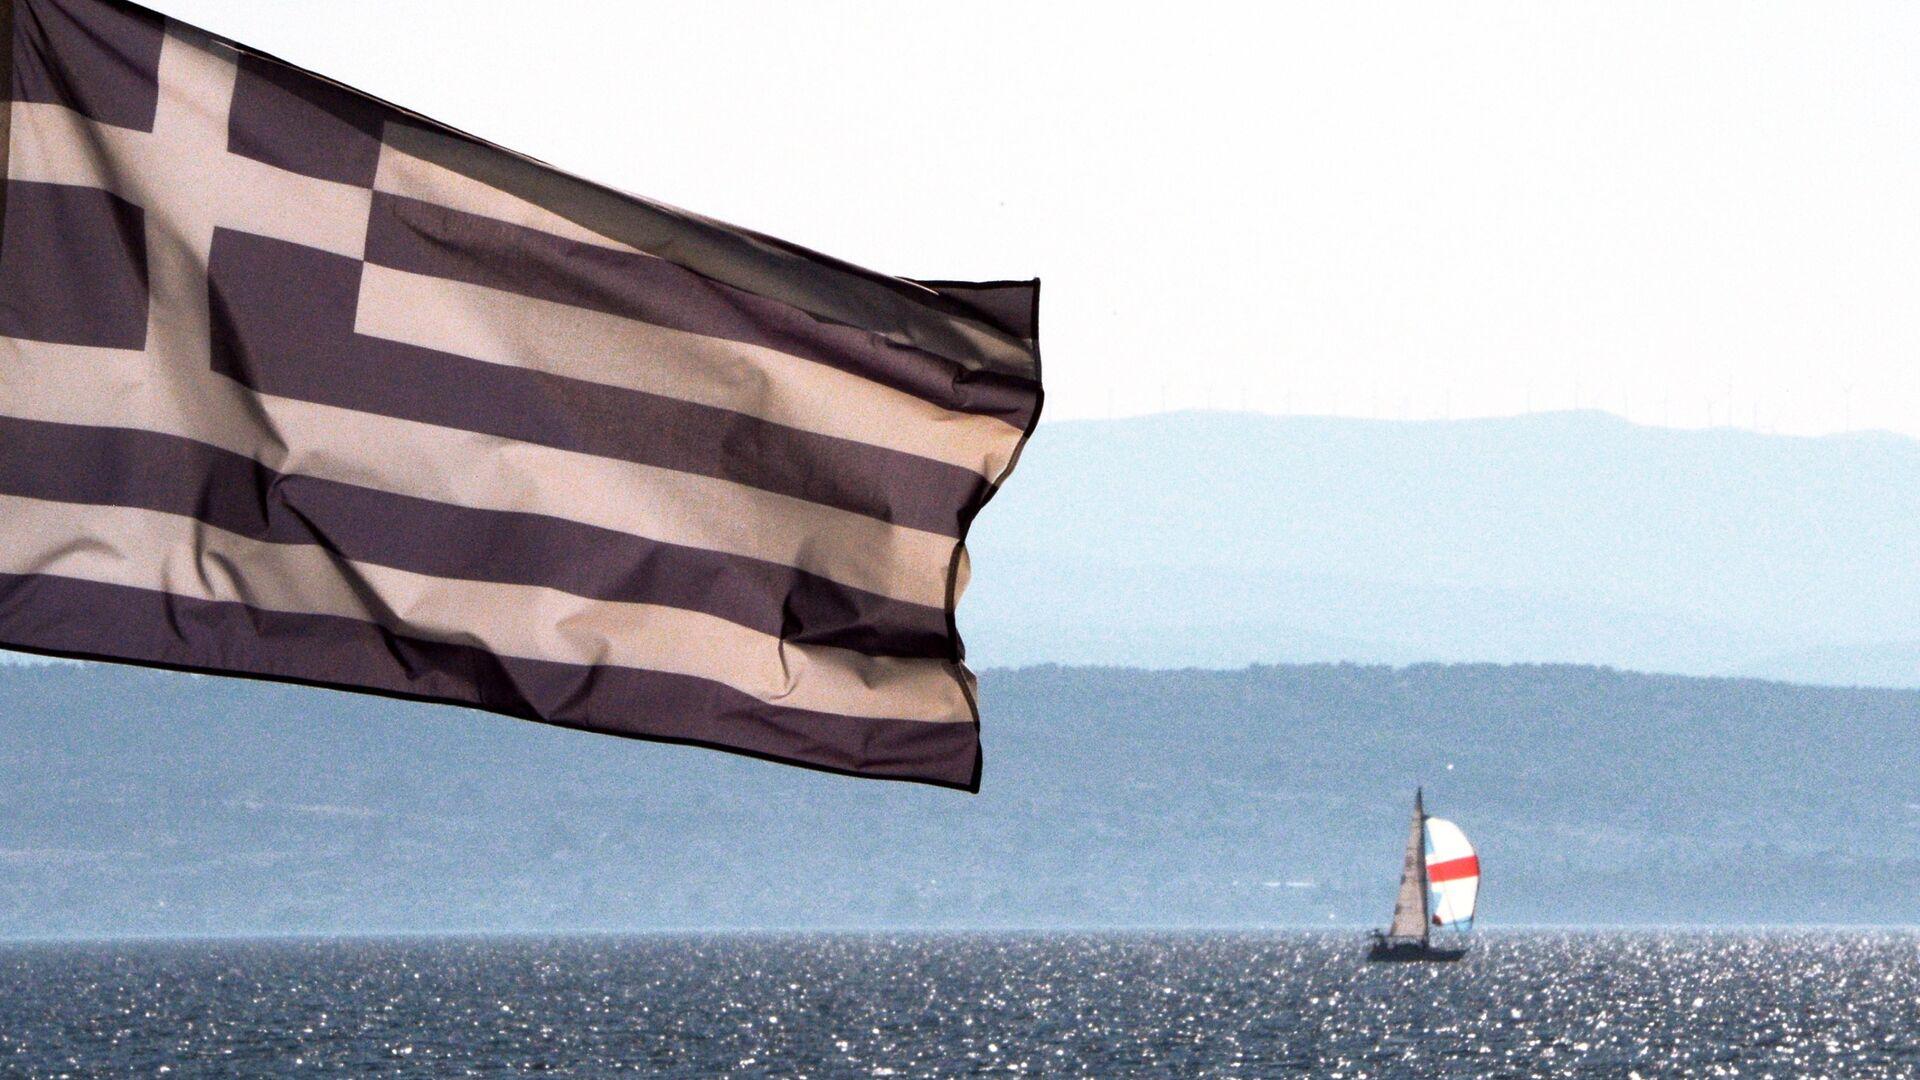 Bandera de Grecia en la costa del mar Egeo - Sputnik Mundo, 1920, 01.10.2021